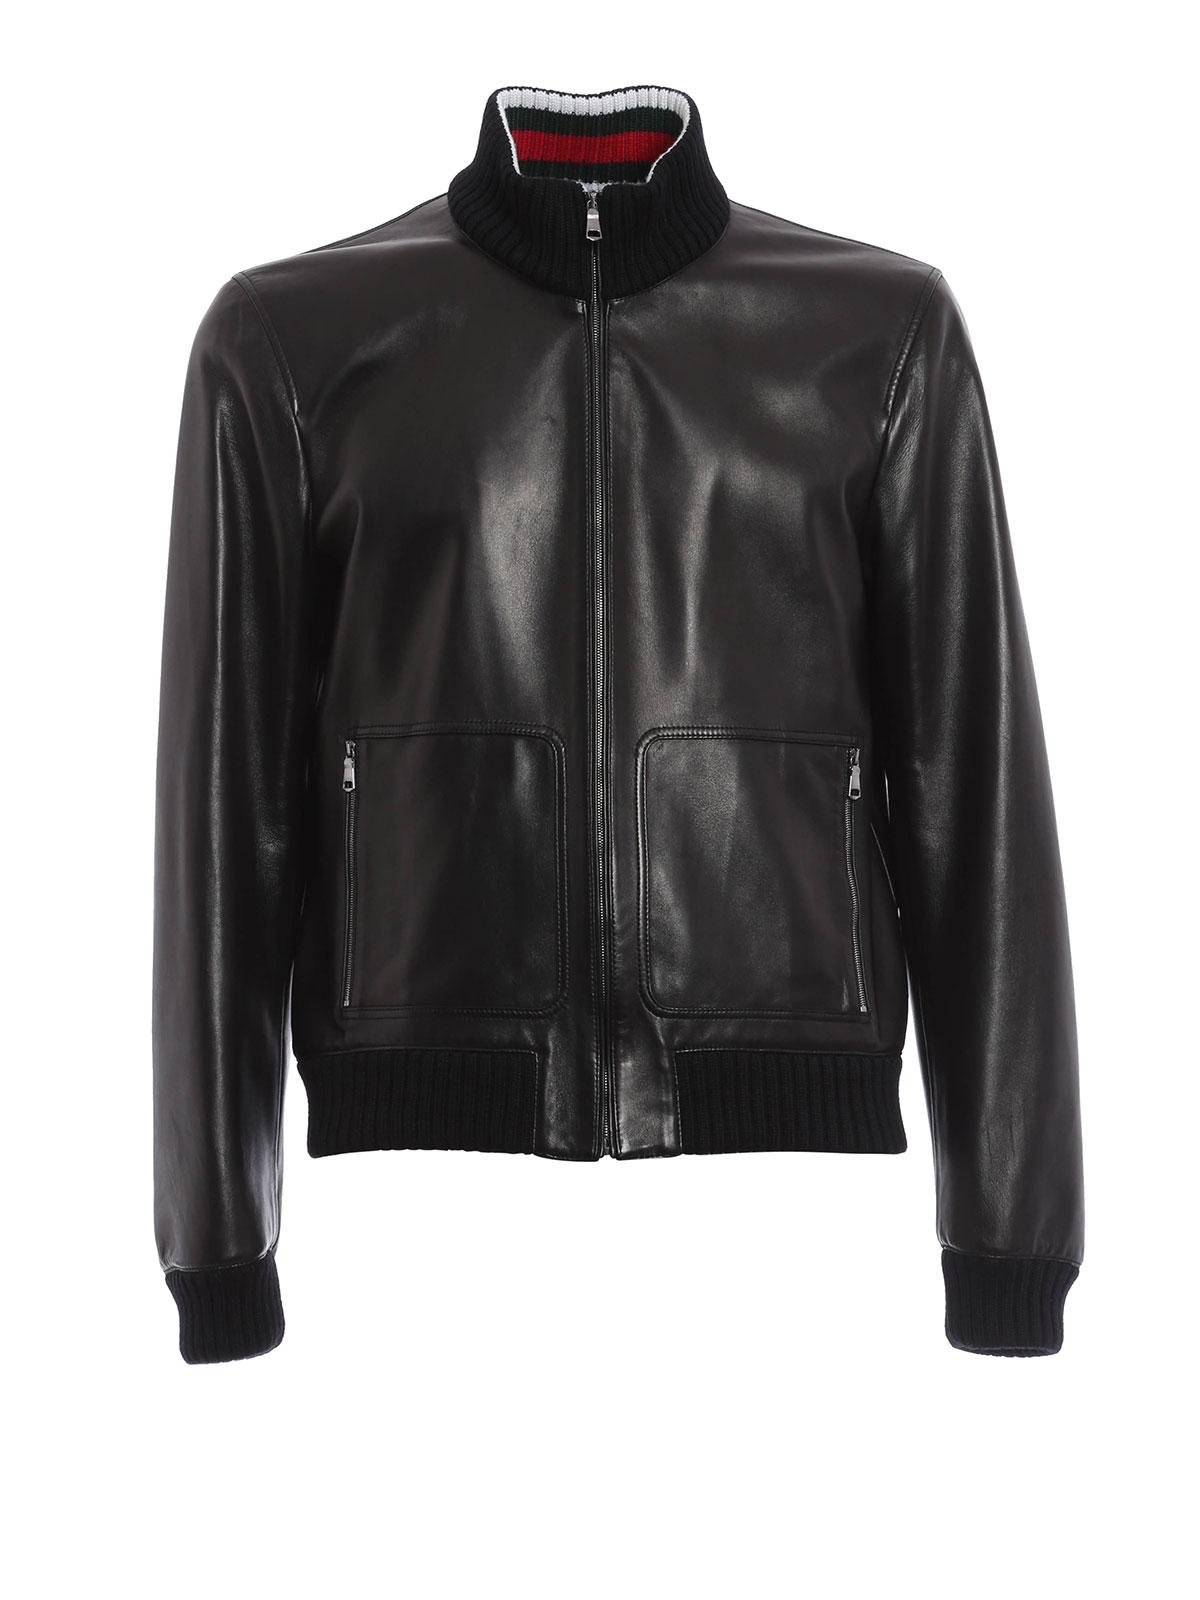 Soften leather jacket